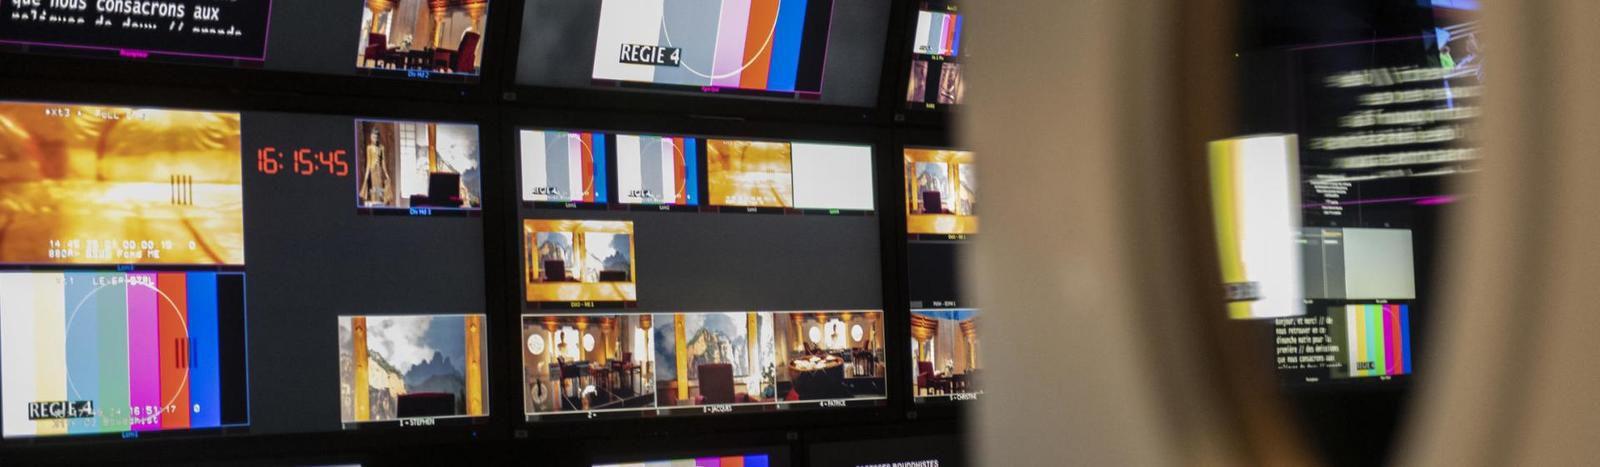 Radios La 1ère : Le pôle Outre-Mer de France Télévisions déploie la régie « Multicam Systems » !